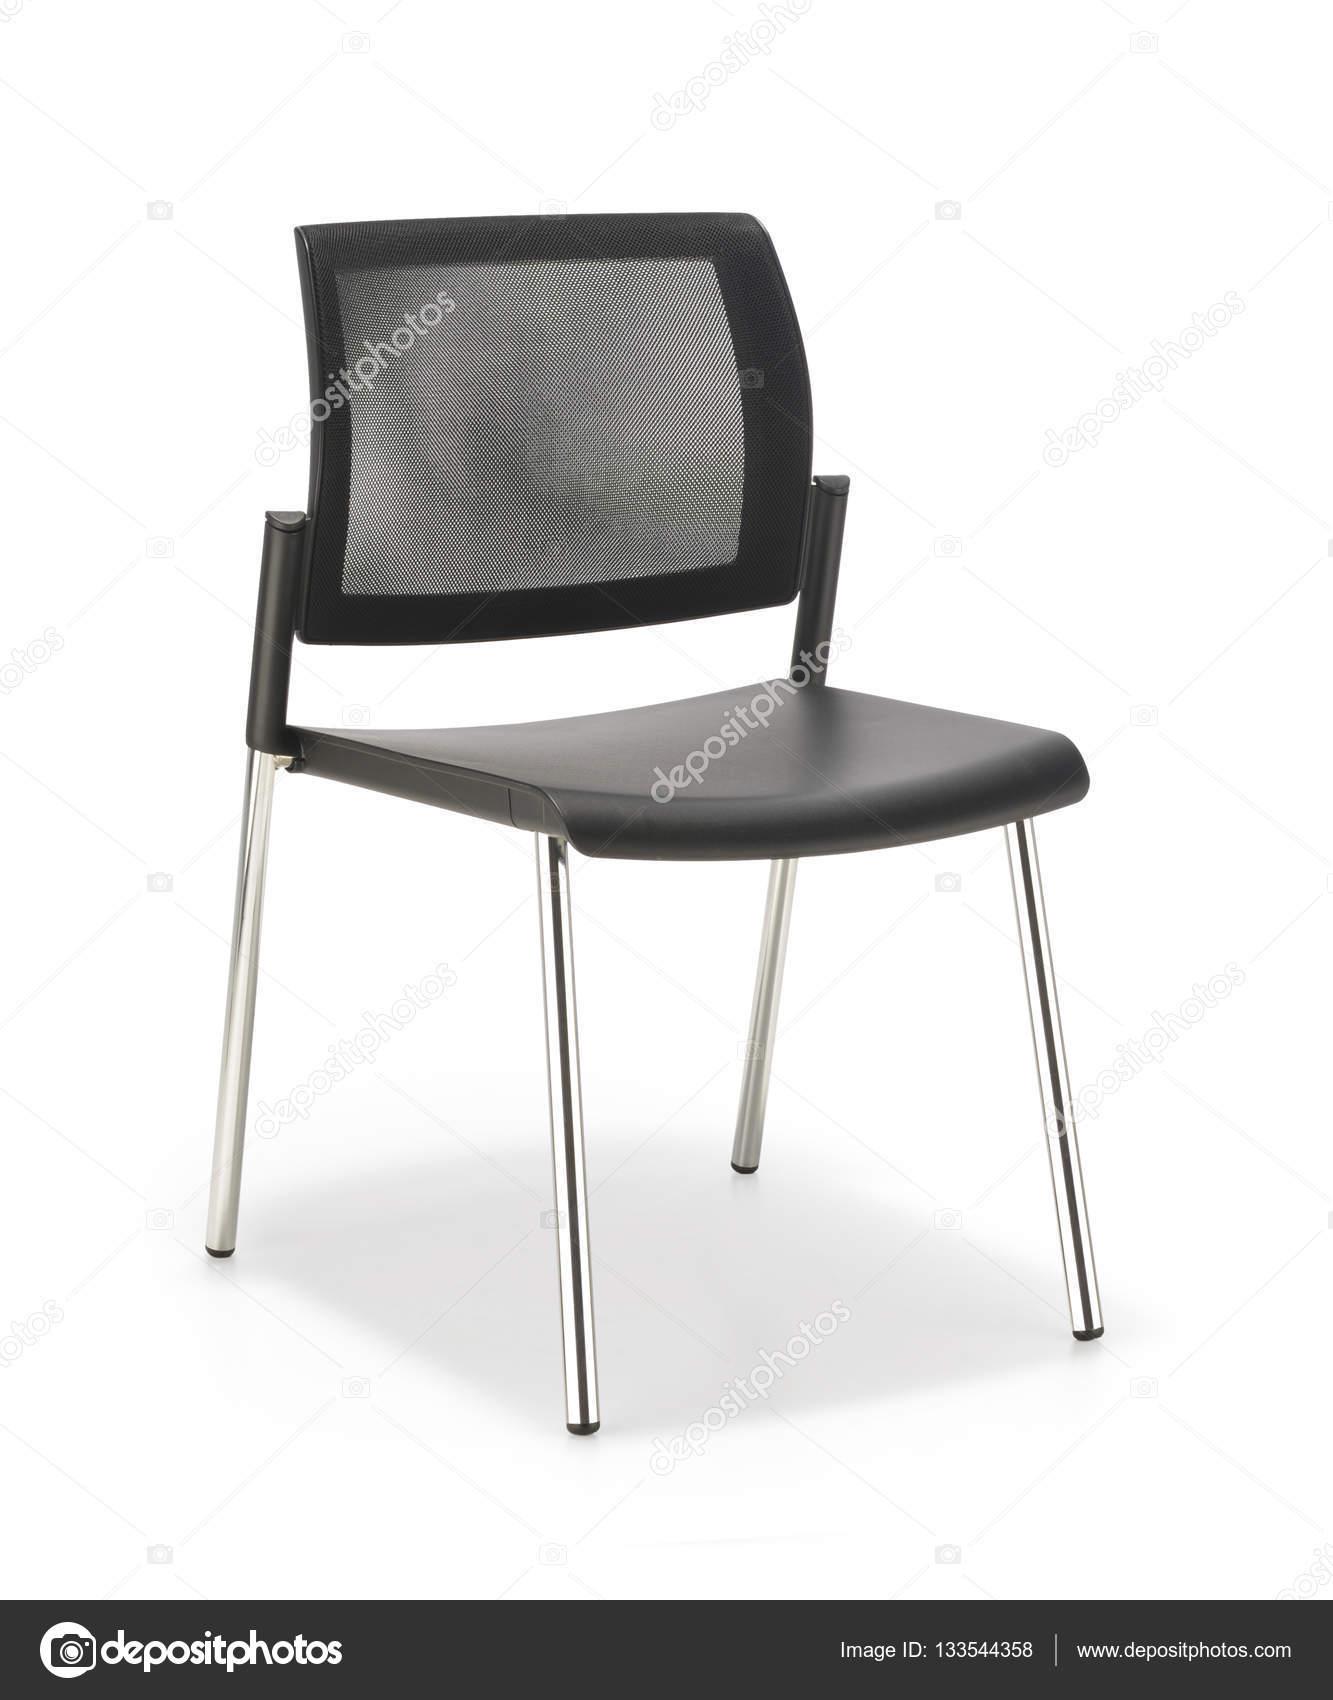 Bureaustoel Zonder Armleuning.Zwarte Bureaustoel Zonder Armleuningen Stockfoto C Antoniotruzzi